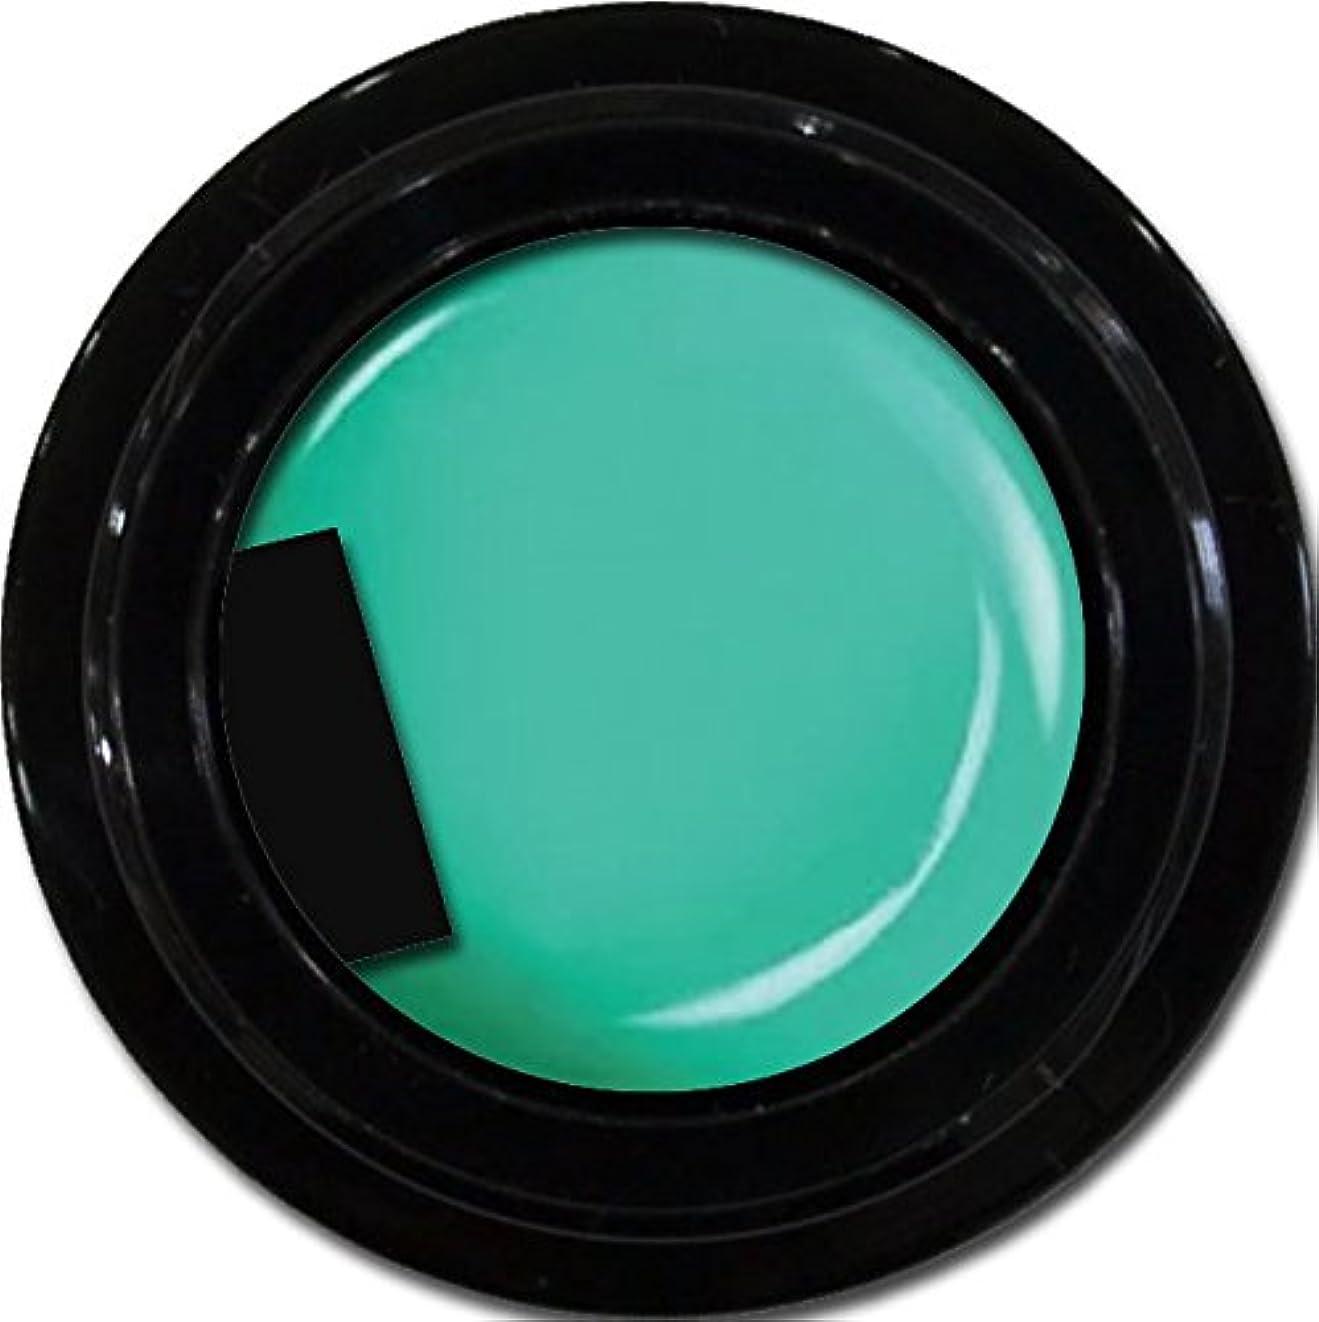 降ろすラップコートカラージェル enchant color gel M712 MarrakechGreen3g/ マットカラージェル M712マラケッシュグリーン 3グラム